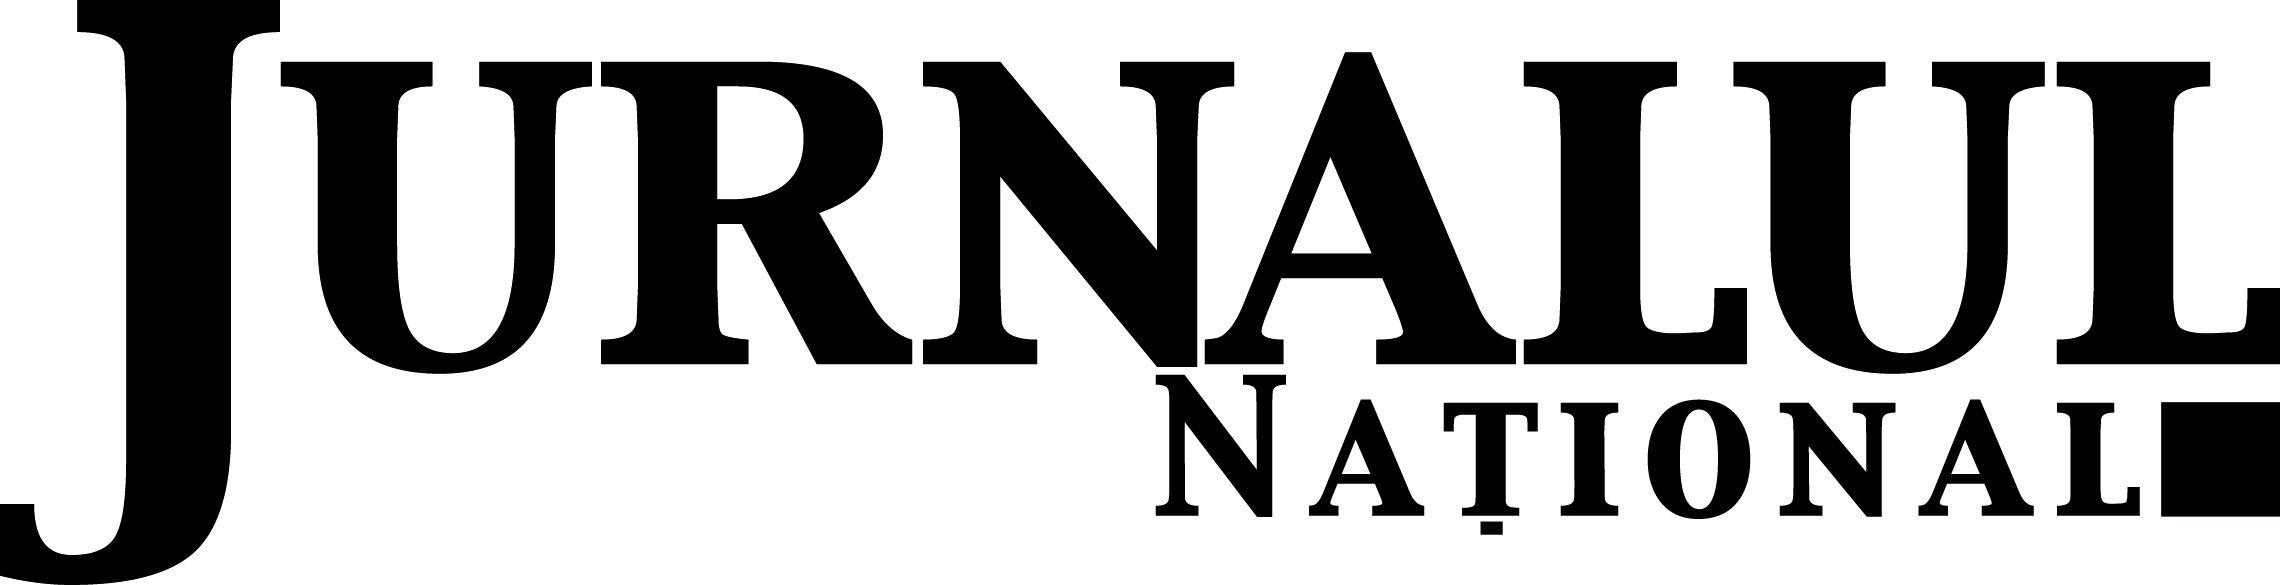 Grupul Intact ar putea inchide ziarul Jurnalul National din cauza datoriilor